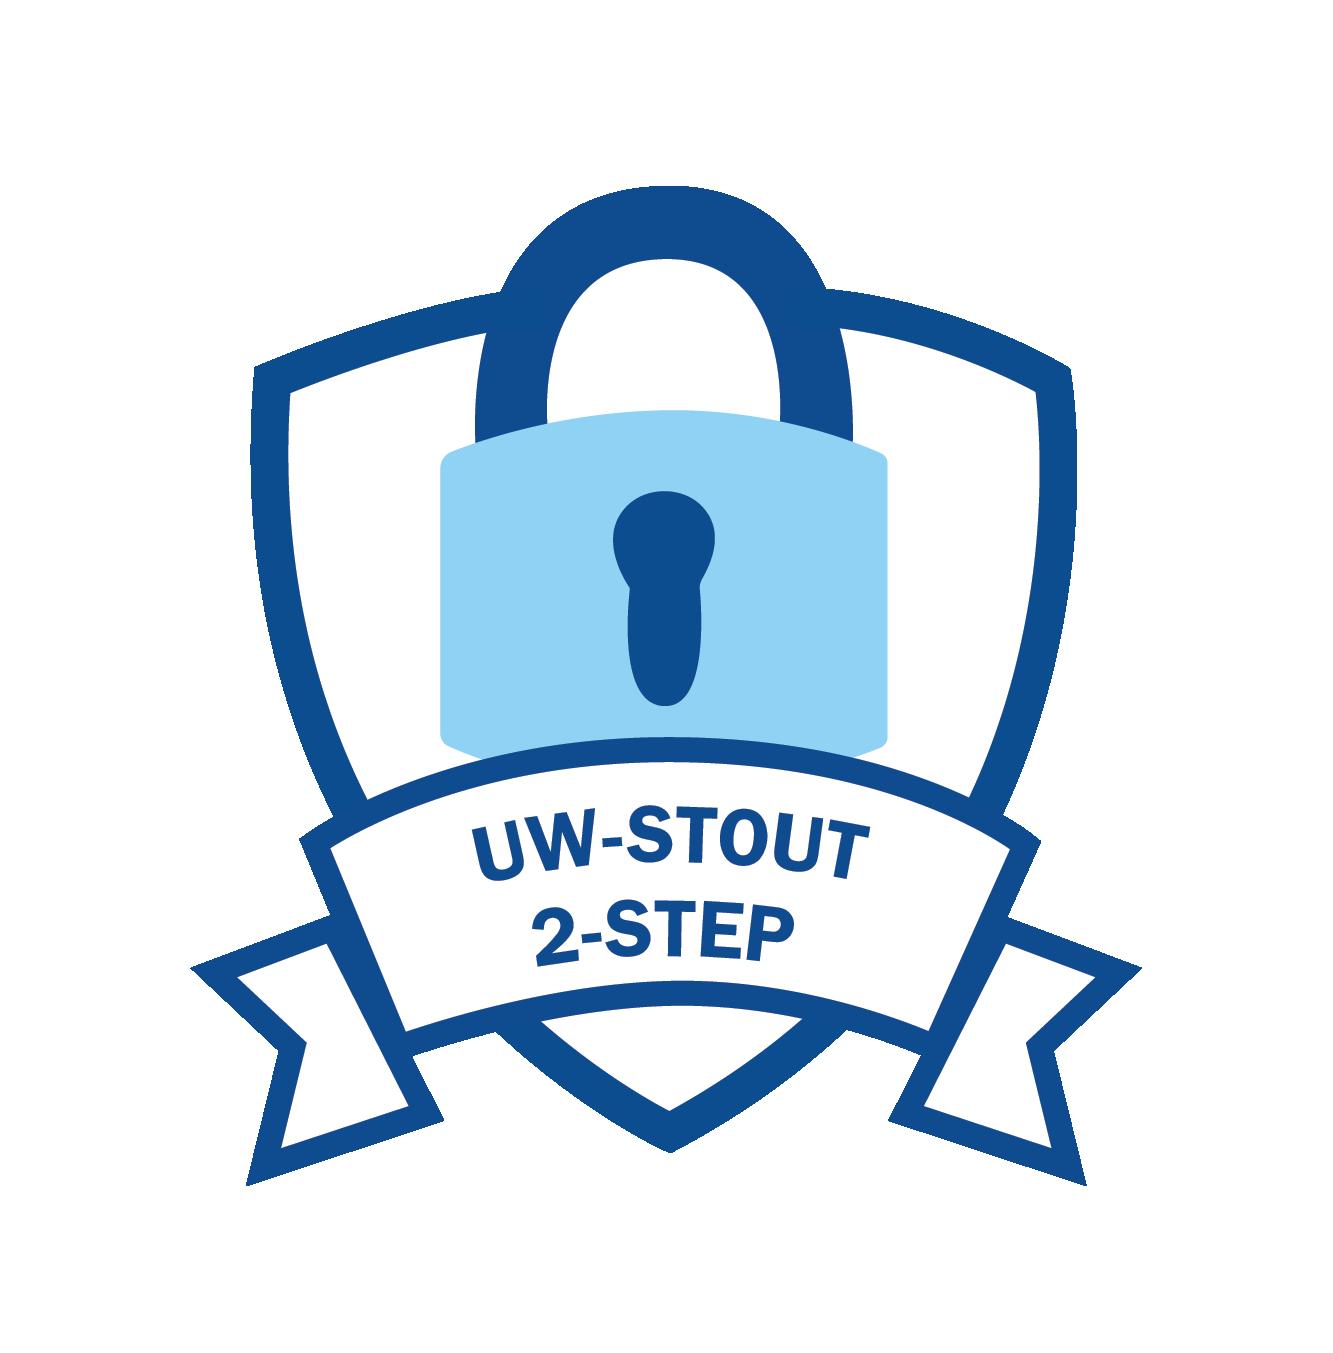 UW-Stout 2-Step Logo